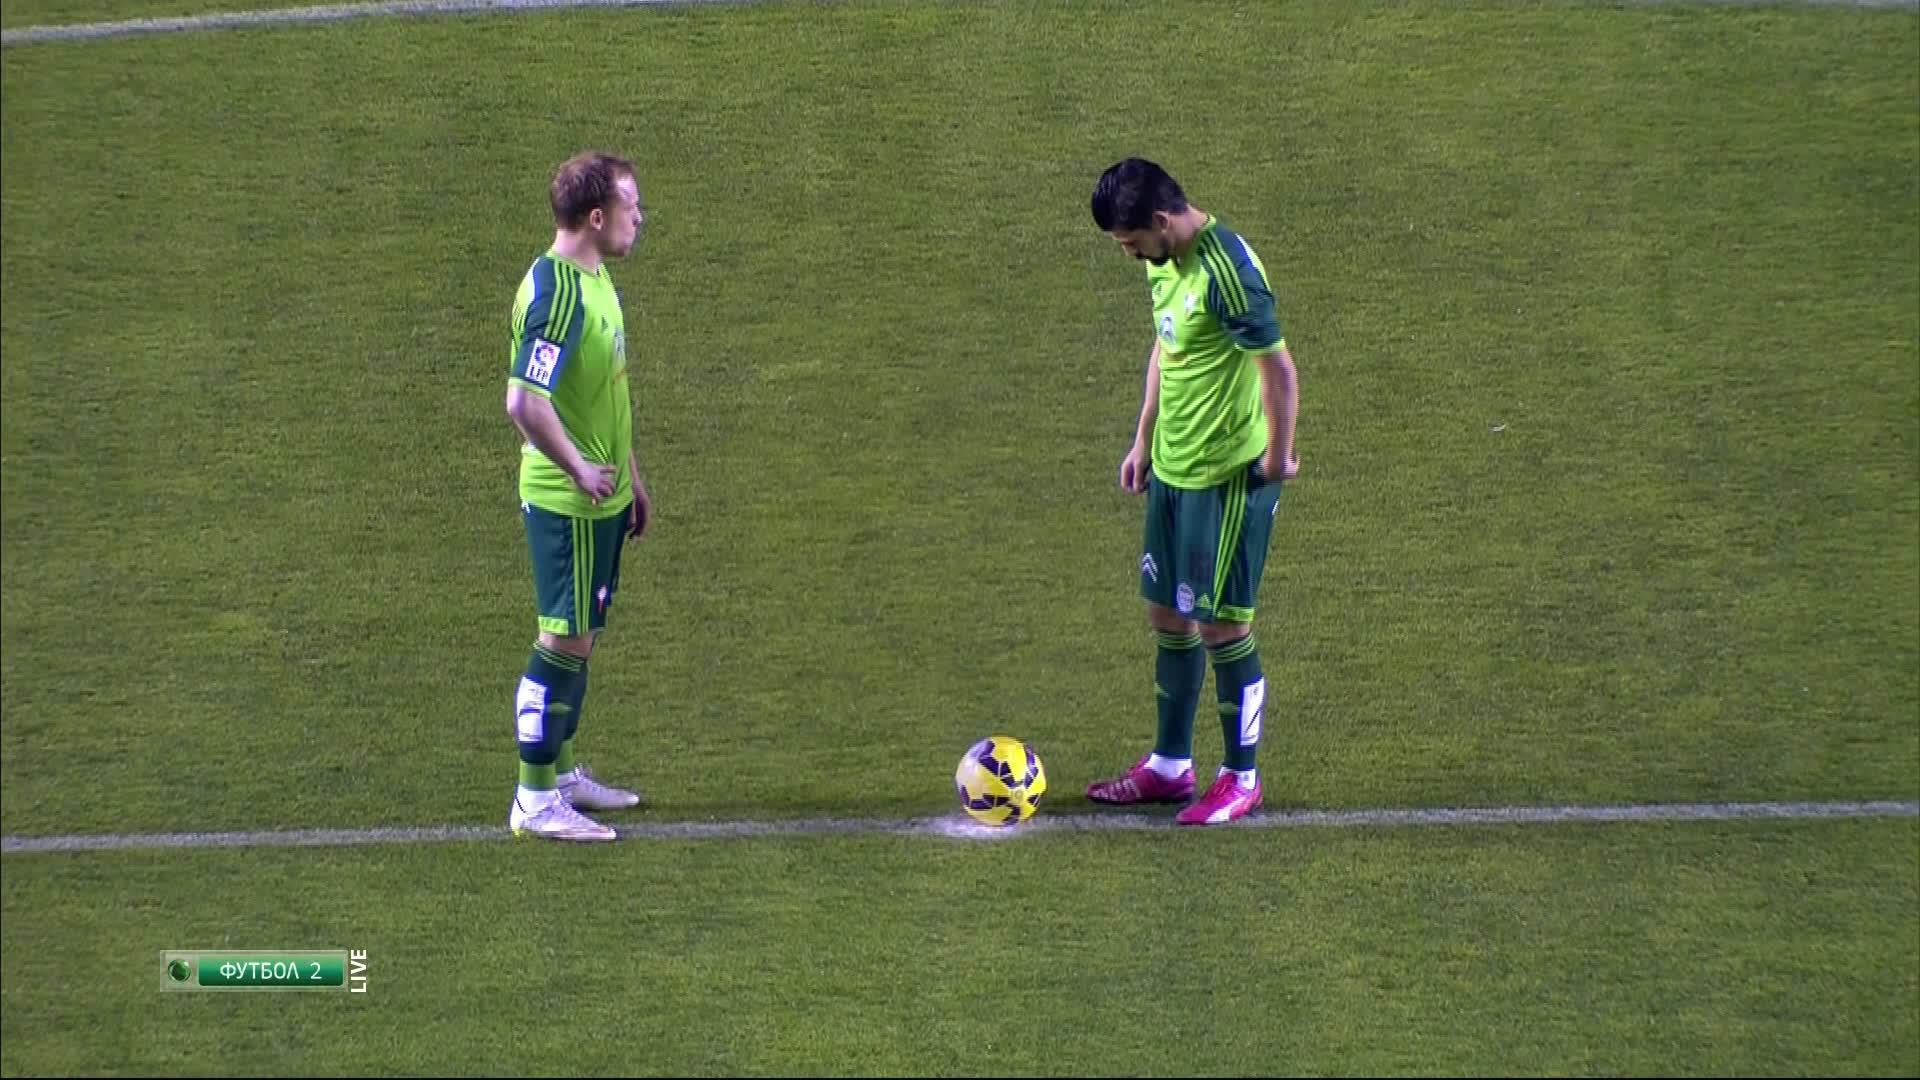 http://rgfootball.tv/media/up/142459201658.jpg